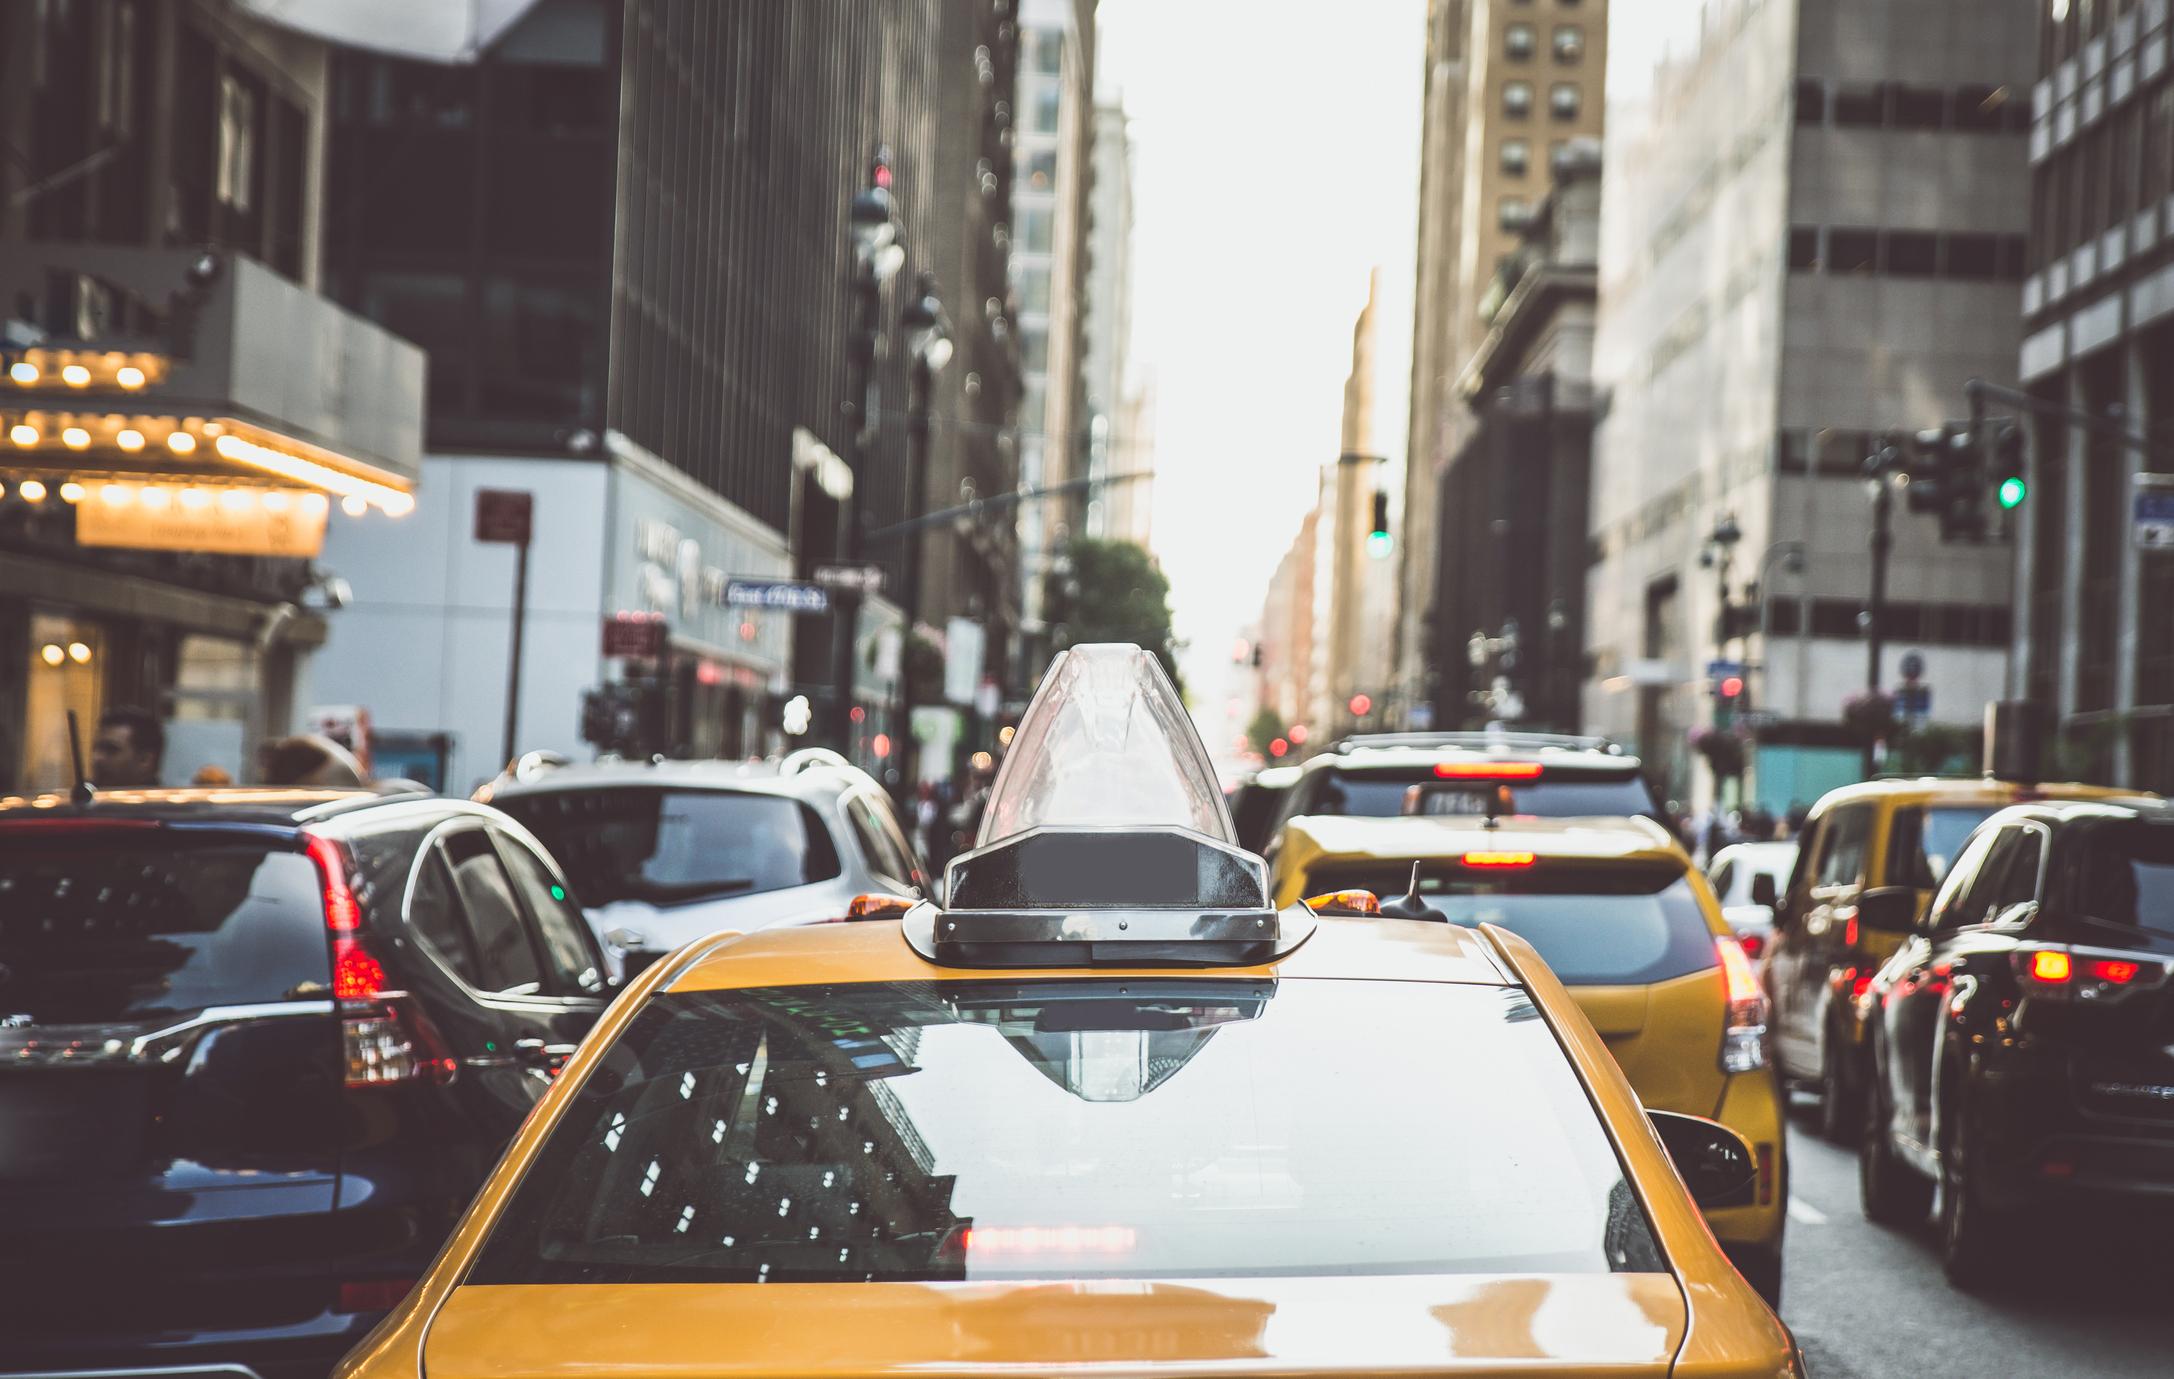 NYC – 5TH AVENUE